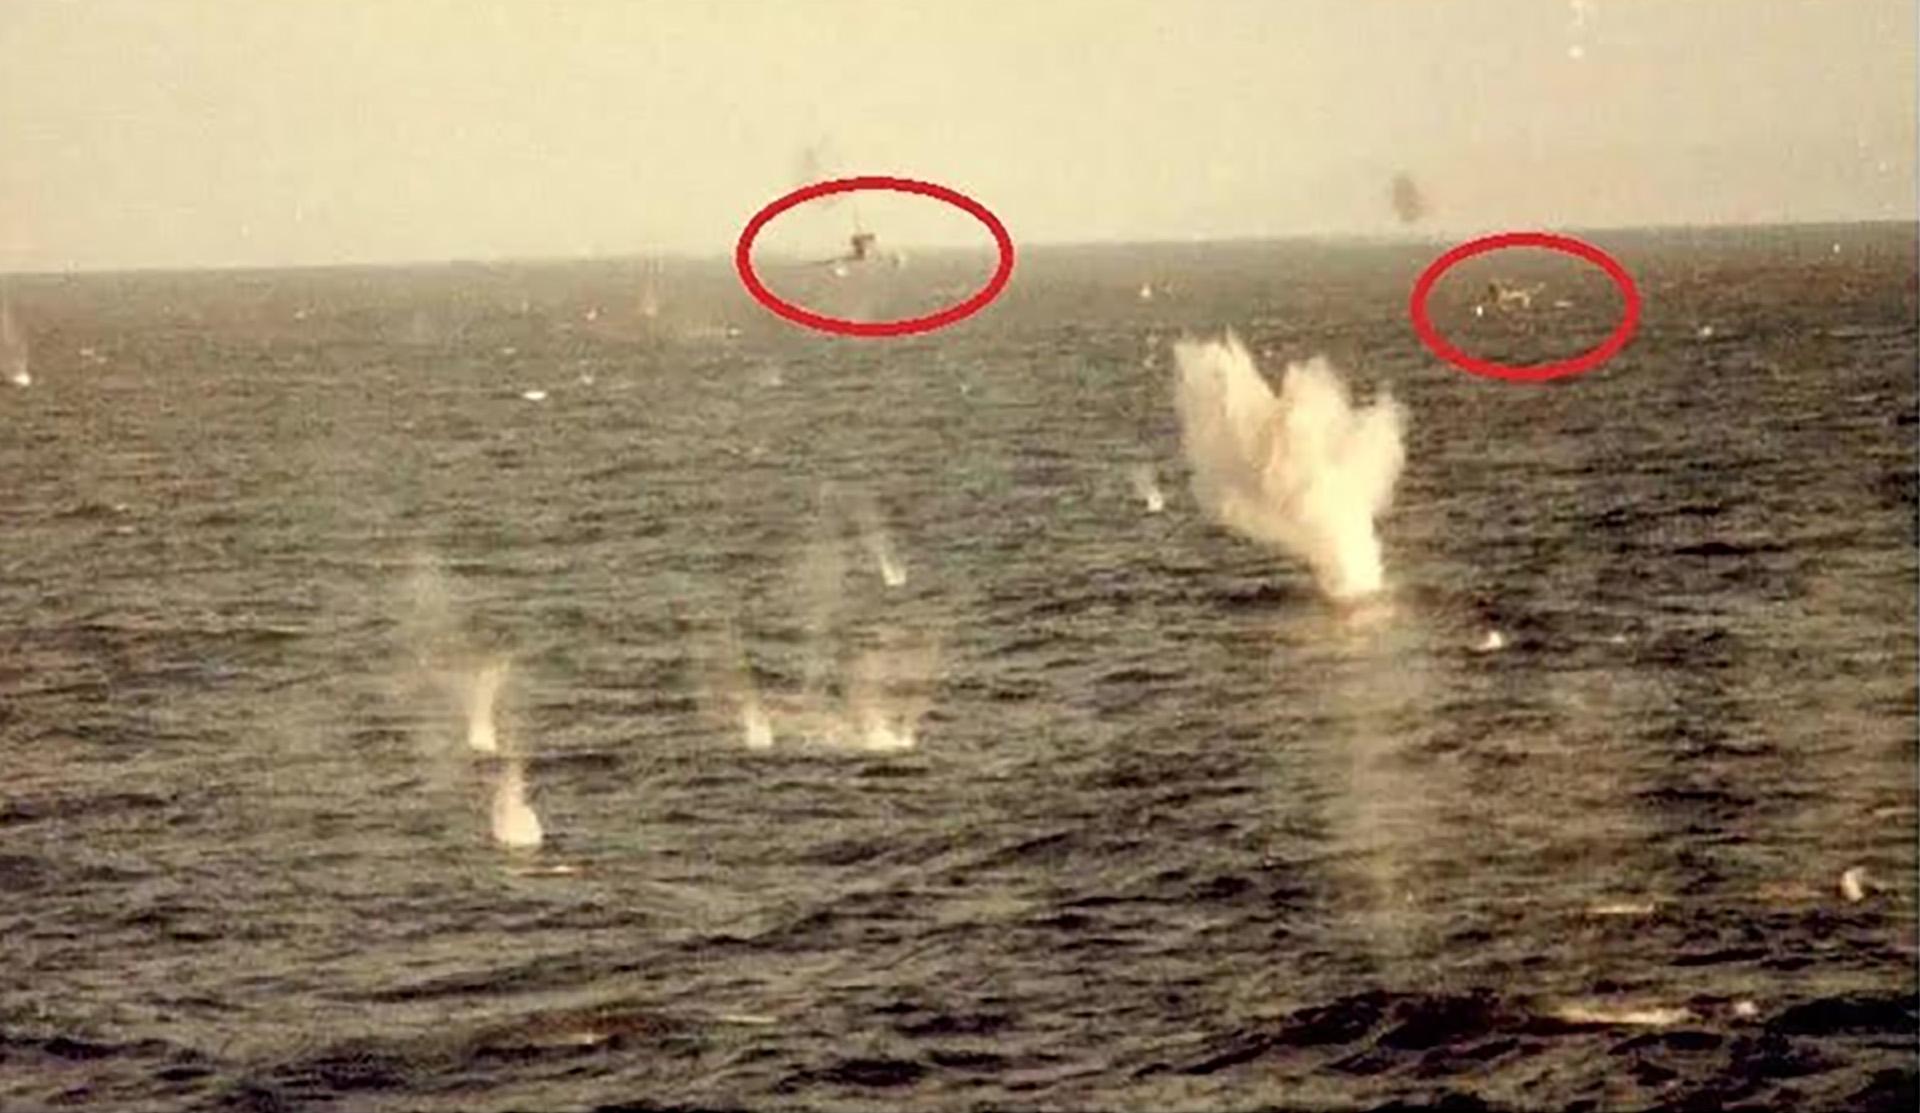 El impresionante ataque de dos aviones A4-B (del capitán Pablo Carballo y el alférez Carlos Rinke) fotografiado desde un buque británico